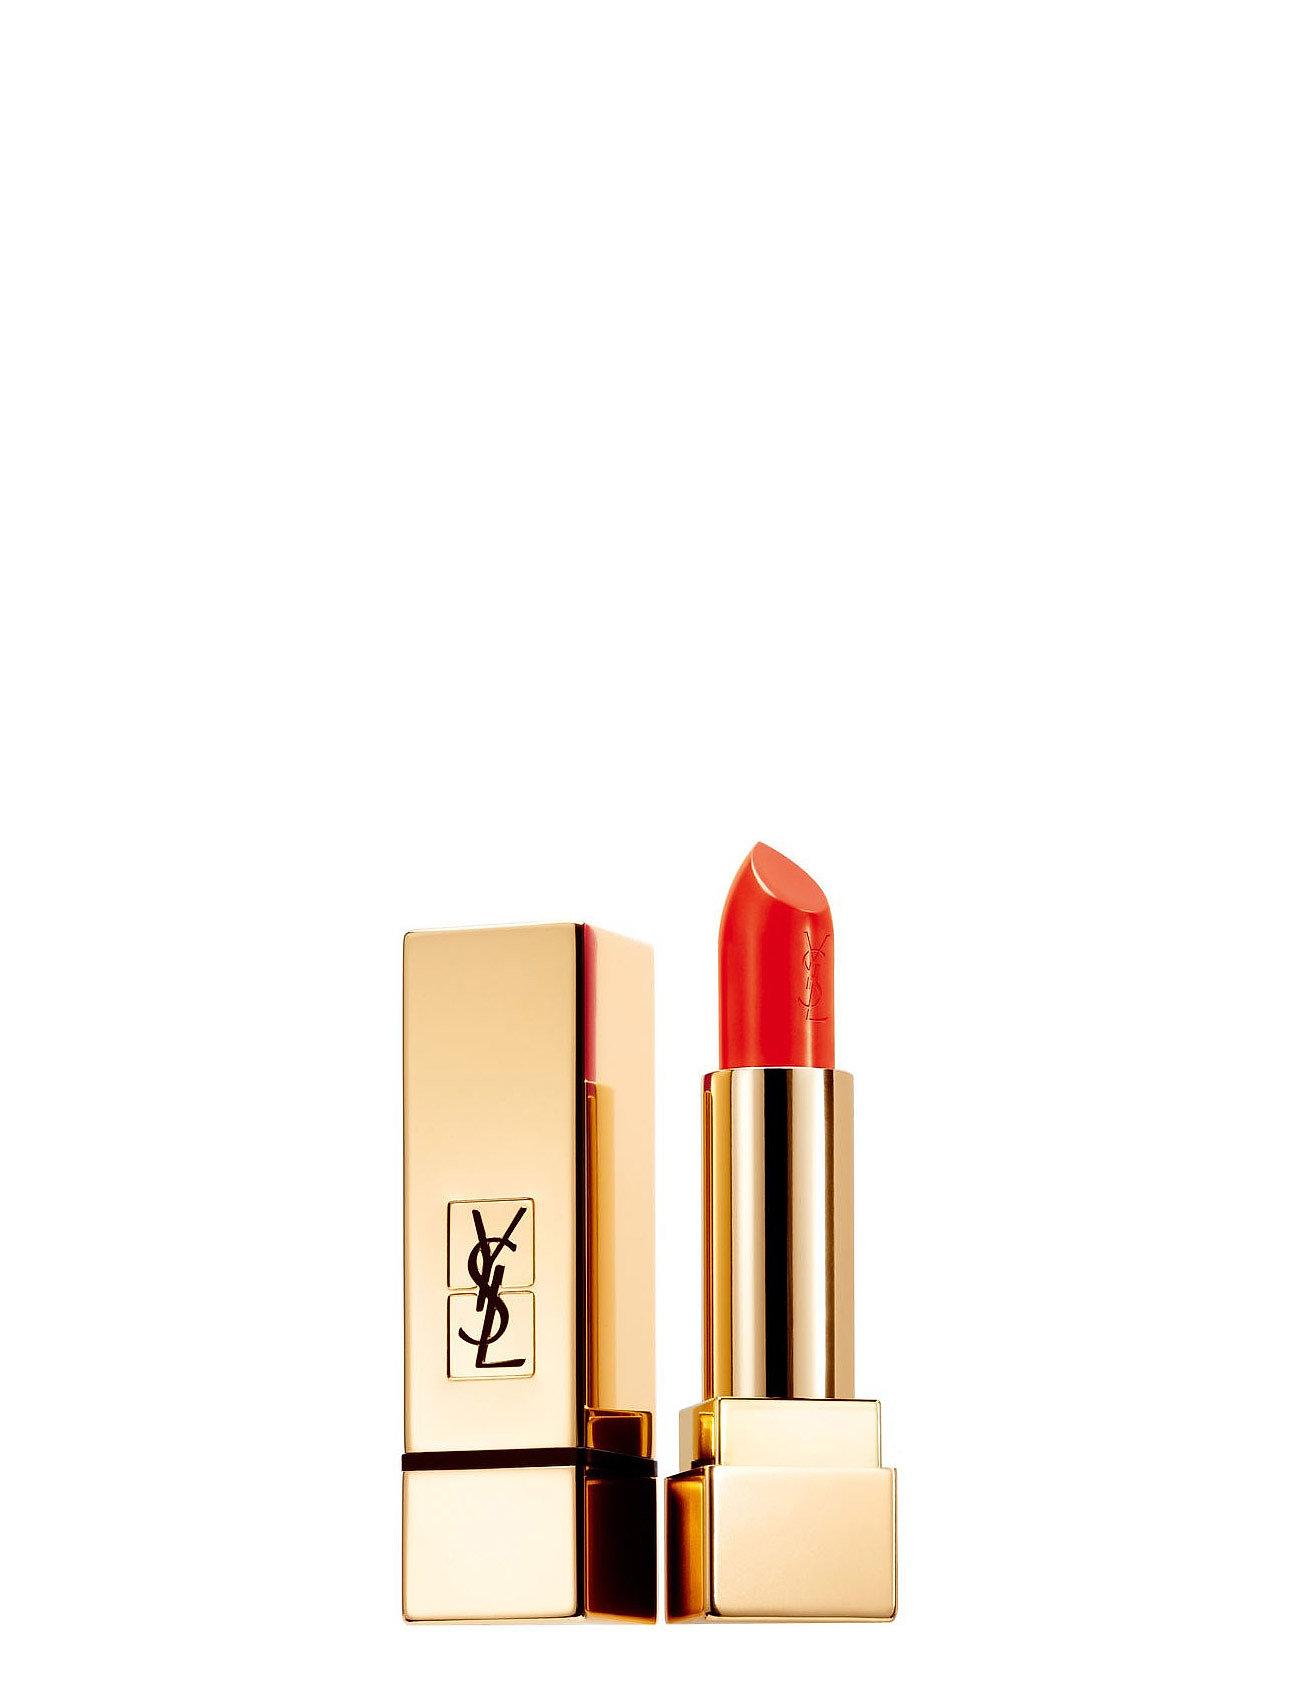 yves saint laurent – Rouge pur couture 70 på boozt.com dk